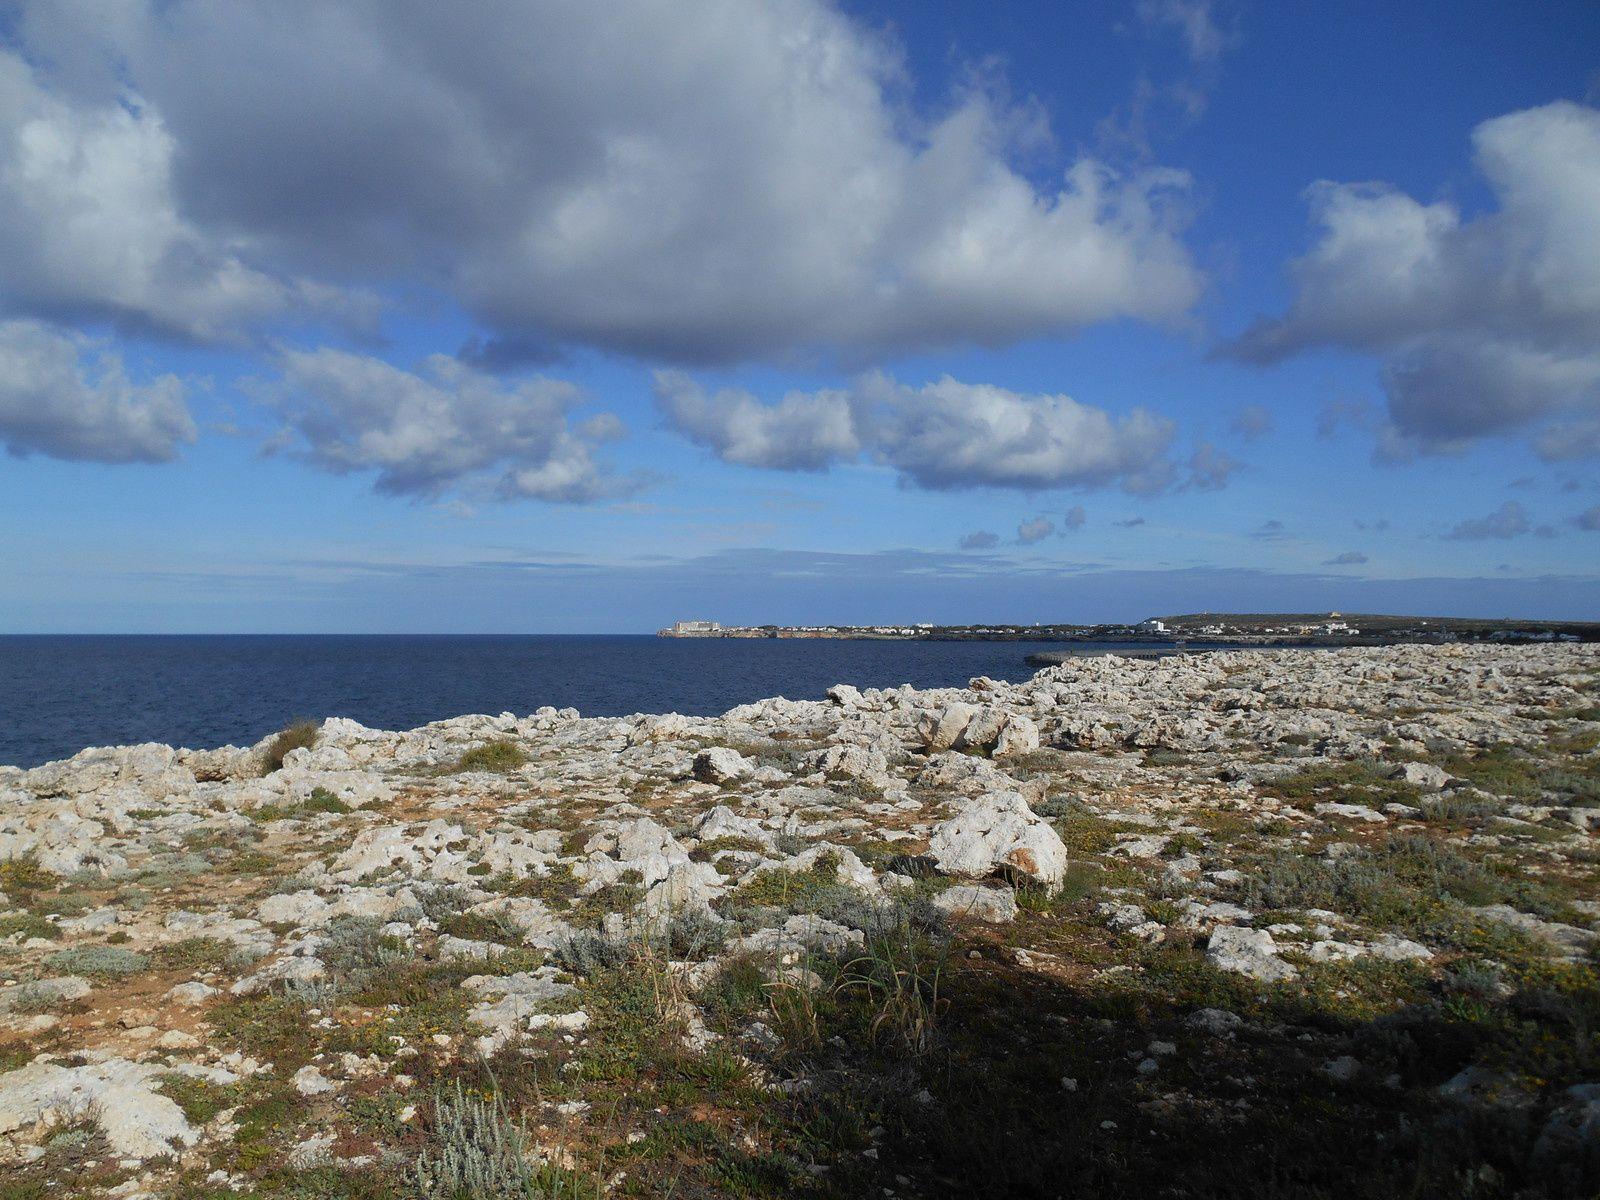 Arrivée en bord de mer...Au fond, la ville de Ciutadella...